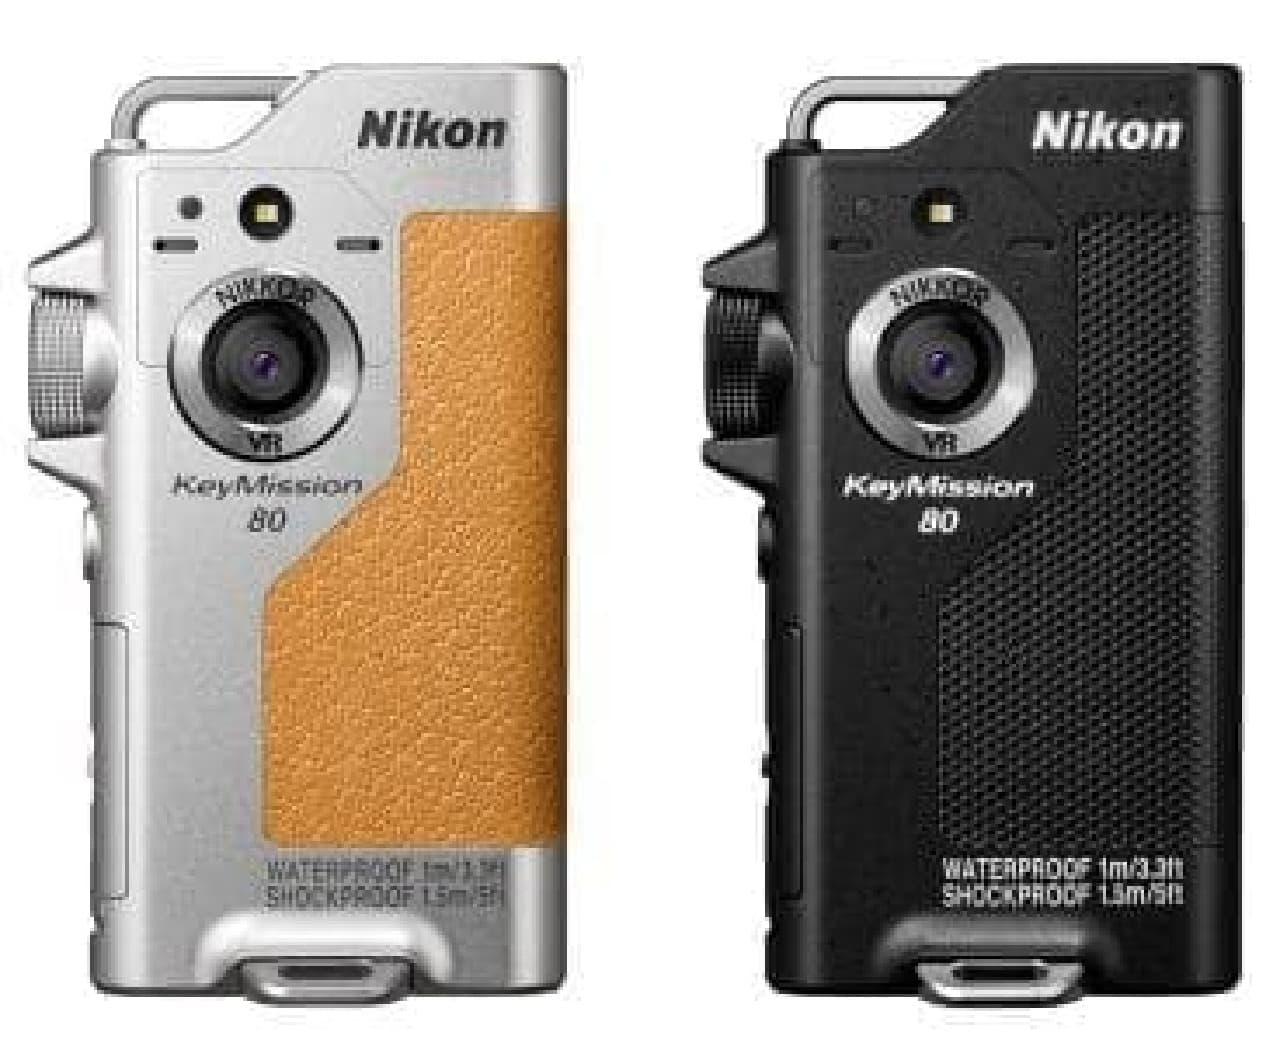 ニコンのアクションカメラ「KeyMission 80」